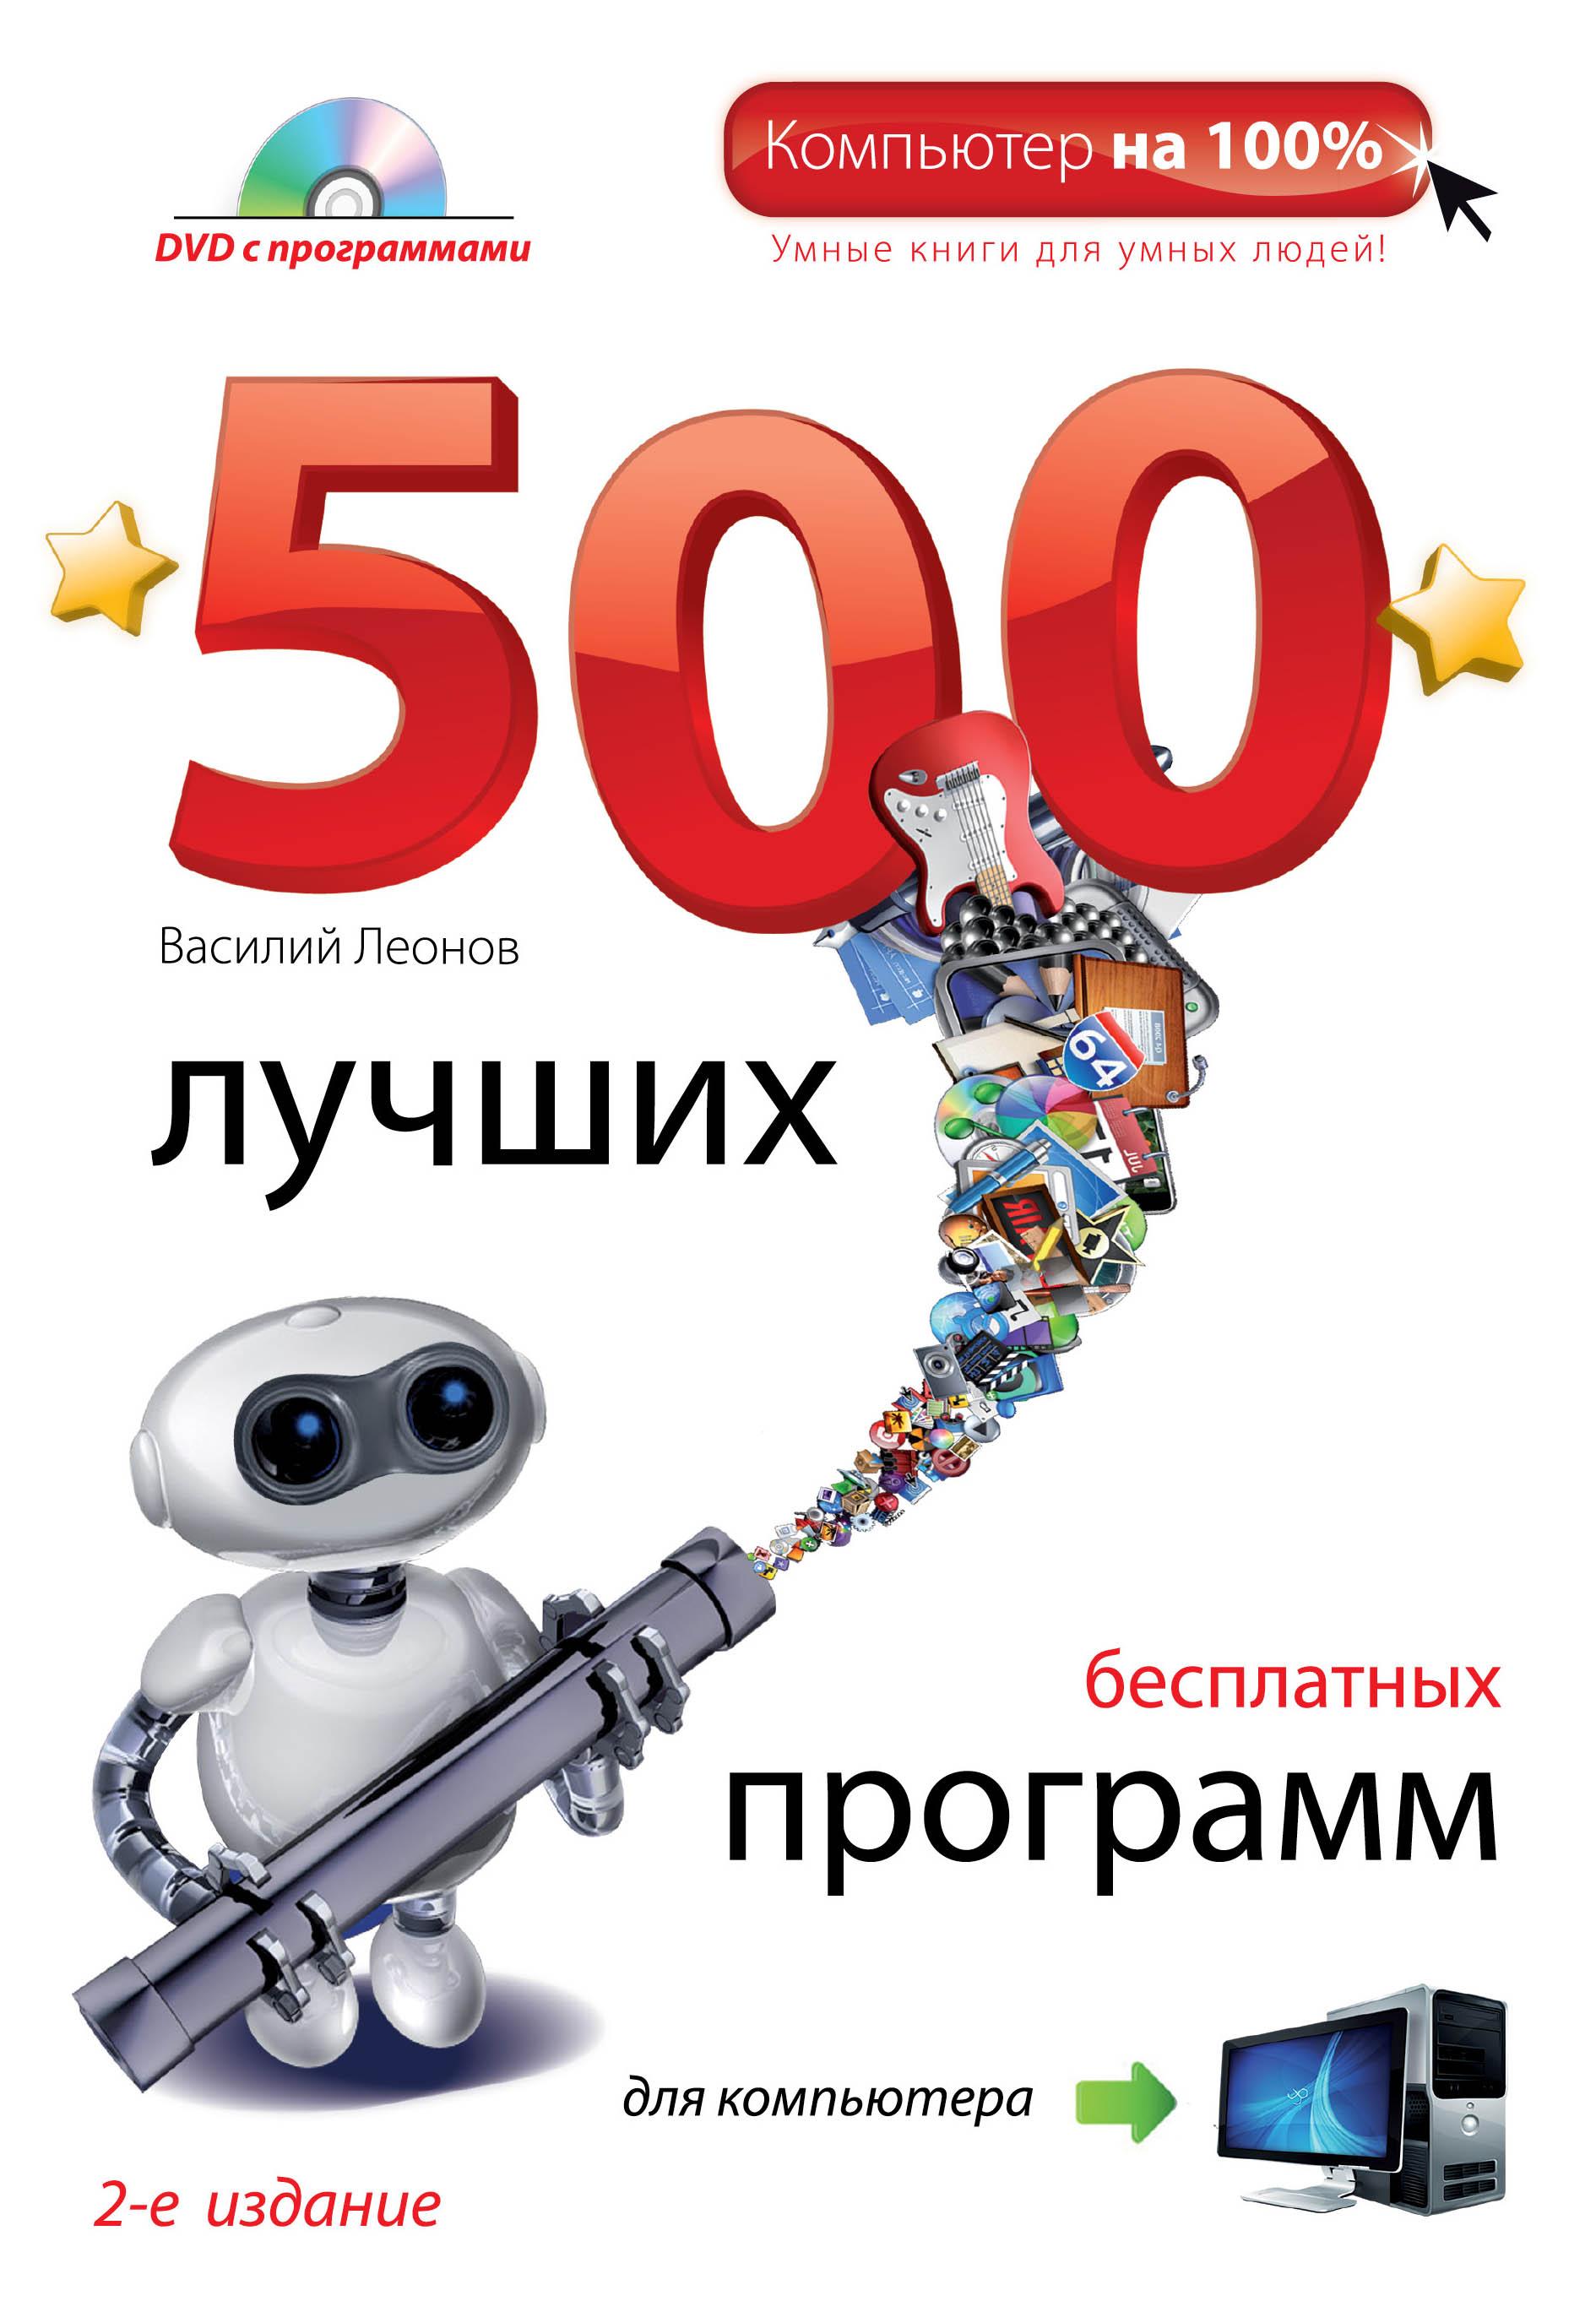 Леонов В. 500 лучших бесплатных программ для компьютера. (+DVD). 2е издание как купить программу на маркете андроид